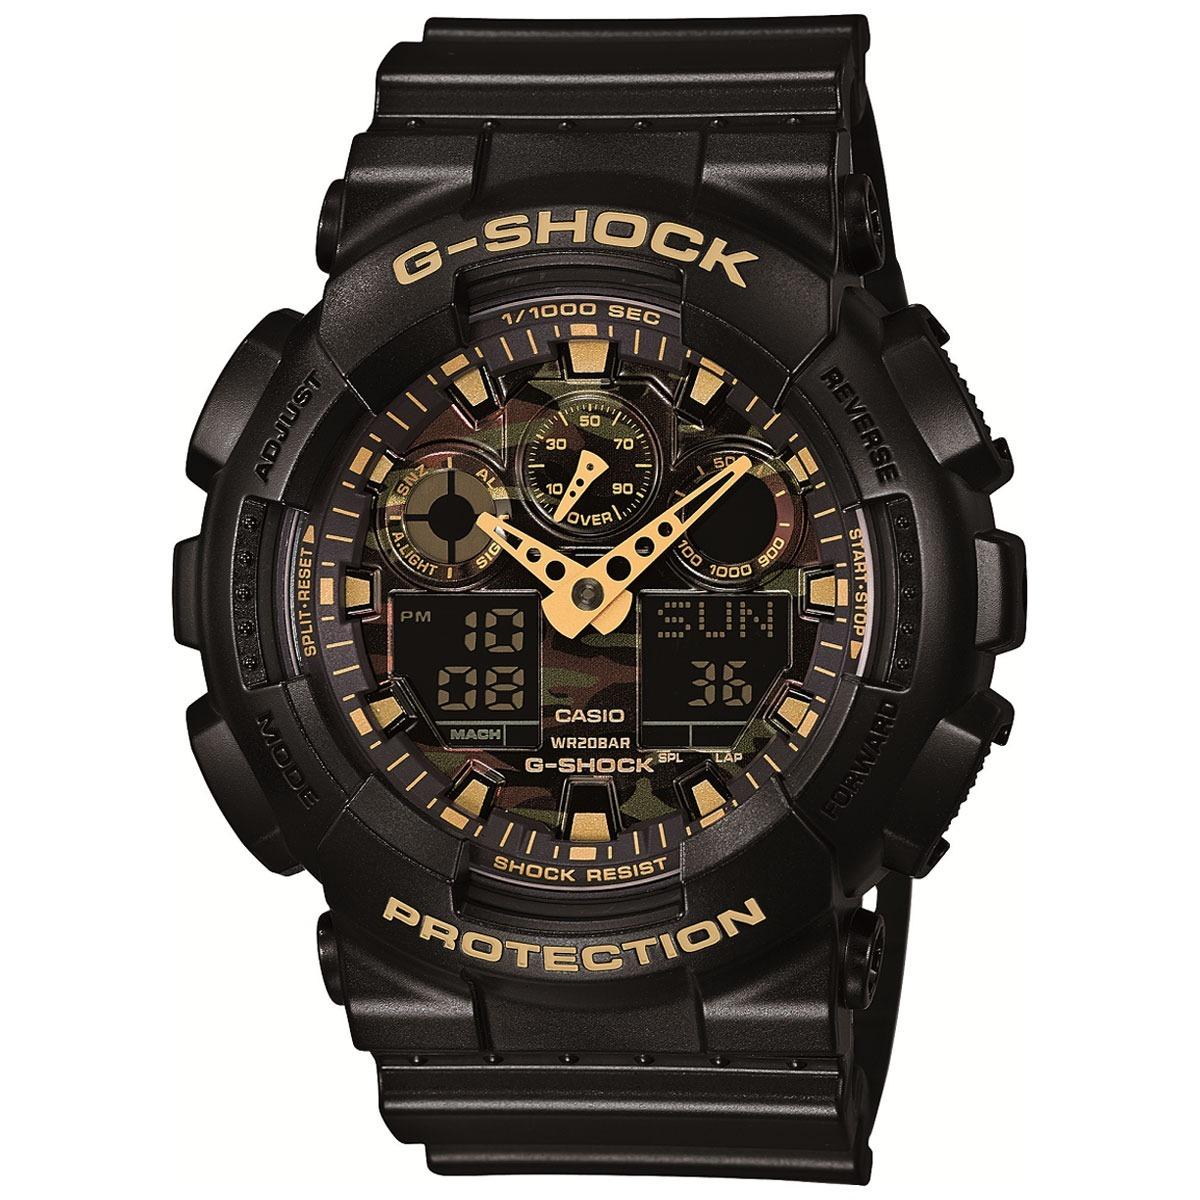 f168e347537 relógio g-shock analógico ga-100cf - preto e dourado. Carregando zoom.